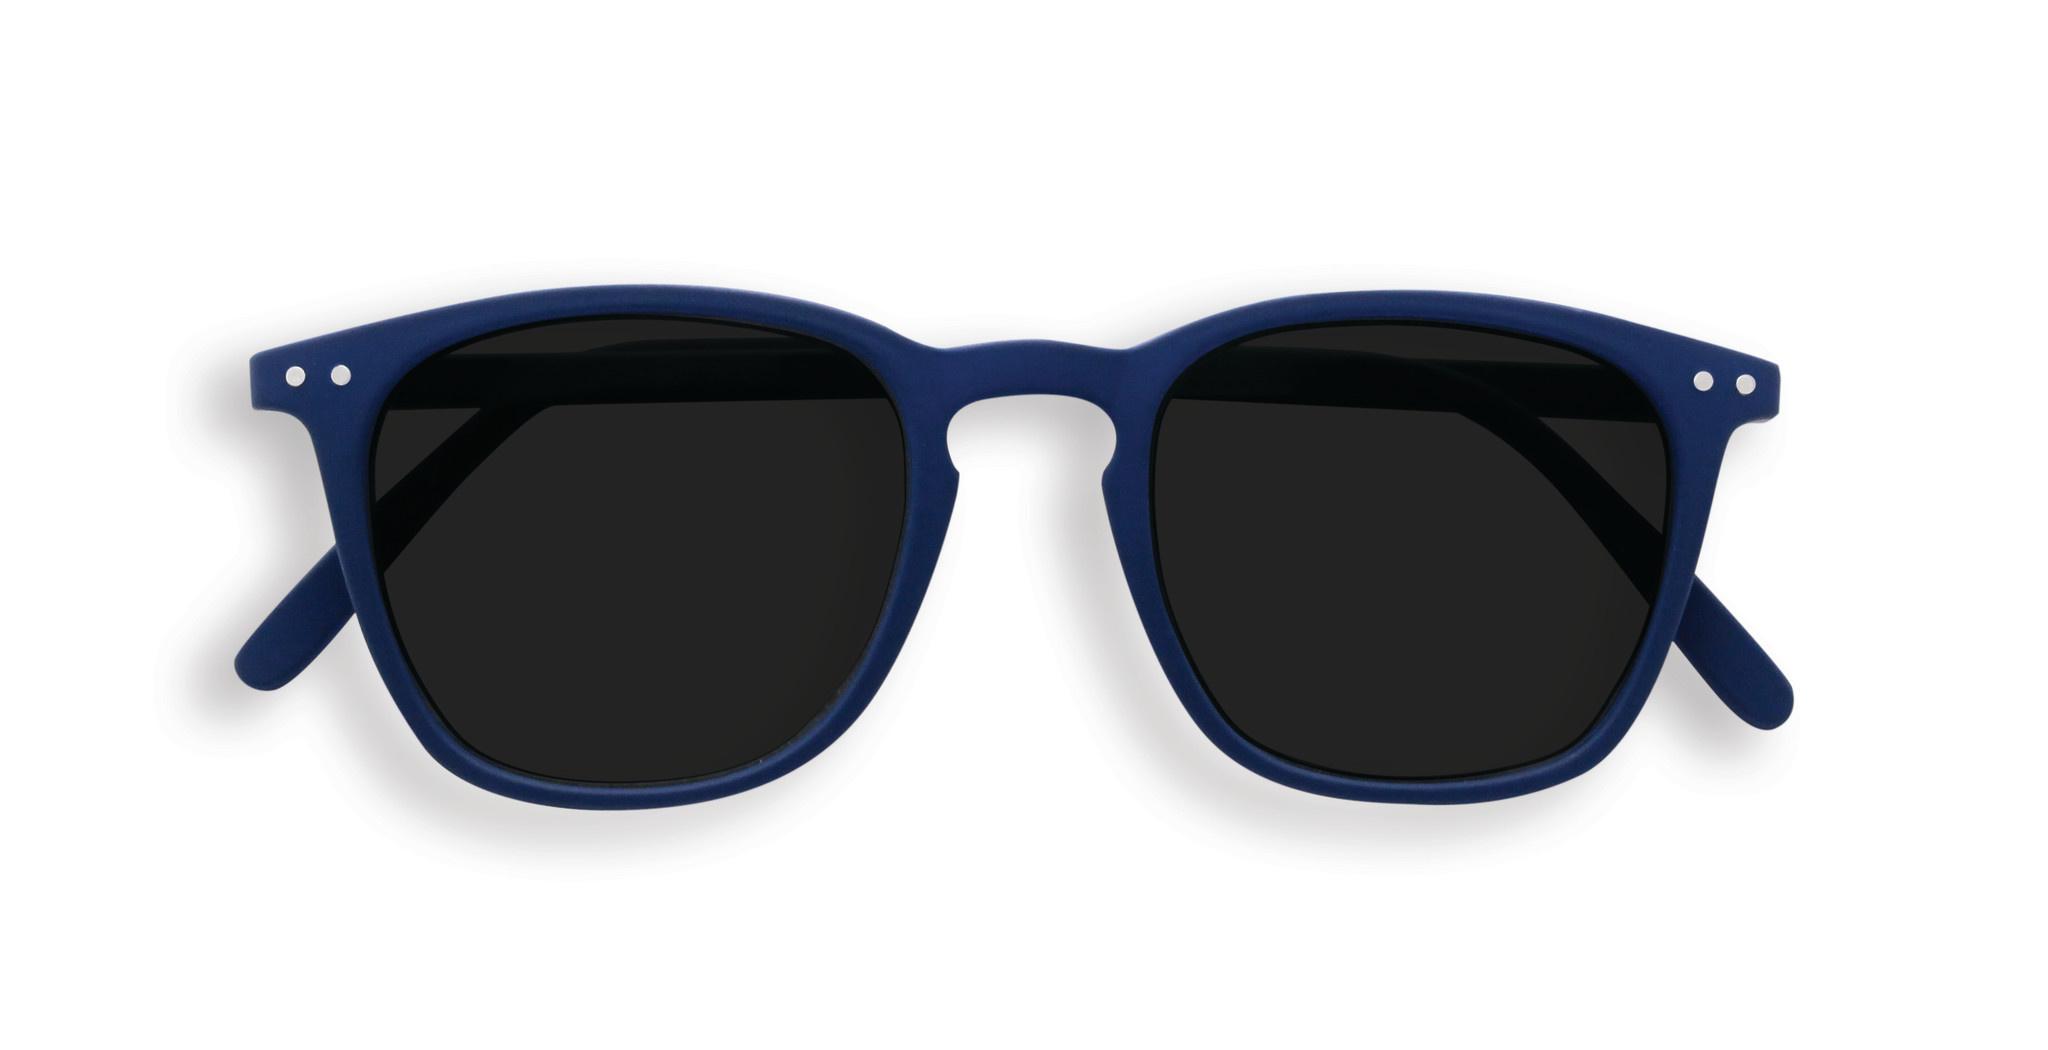 Izipizi Lunettes de Soleil Junior Bleu Marin